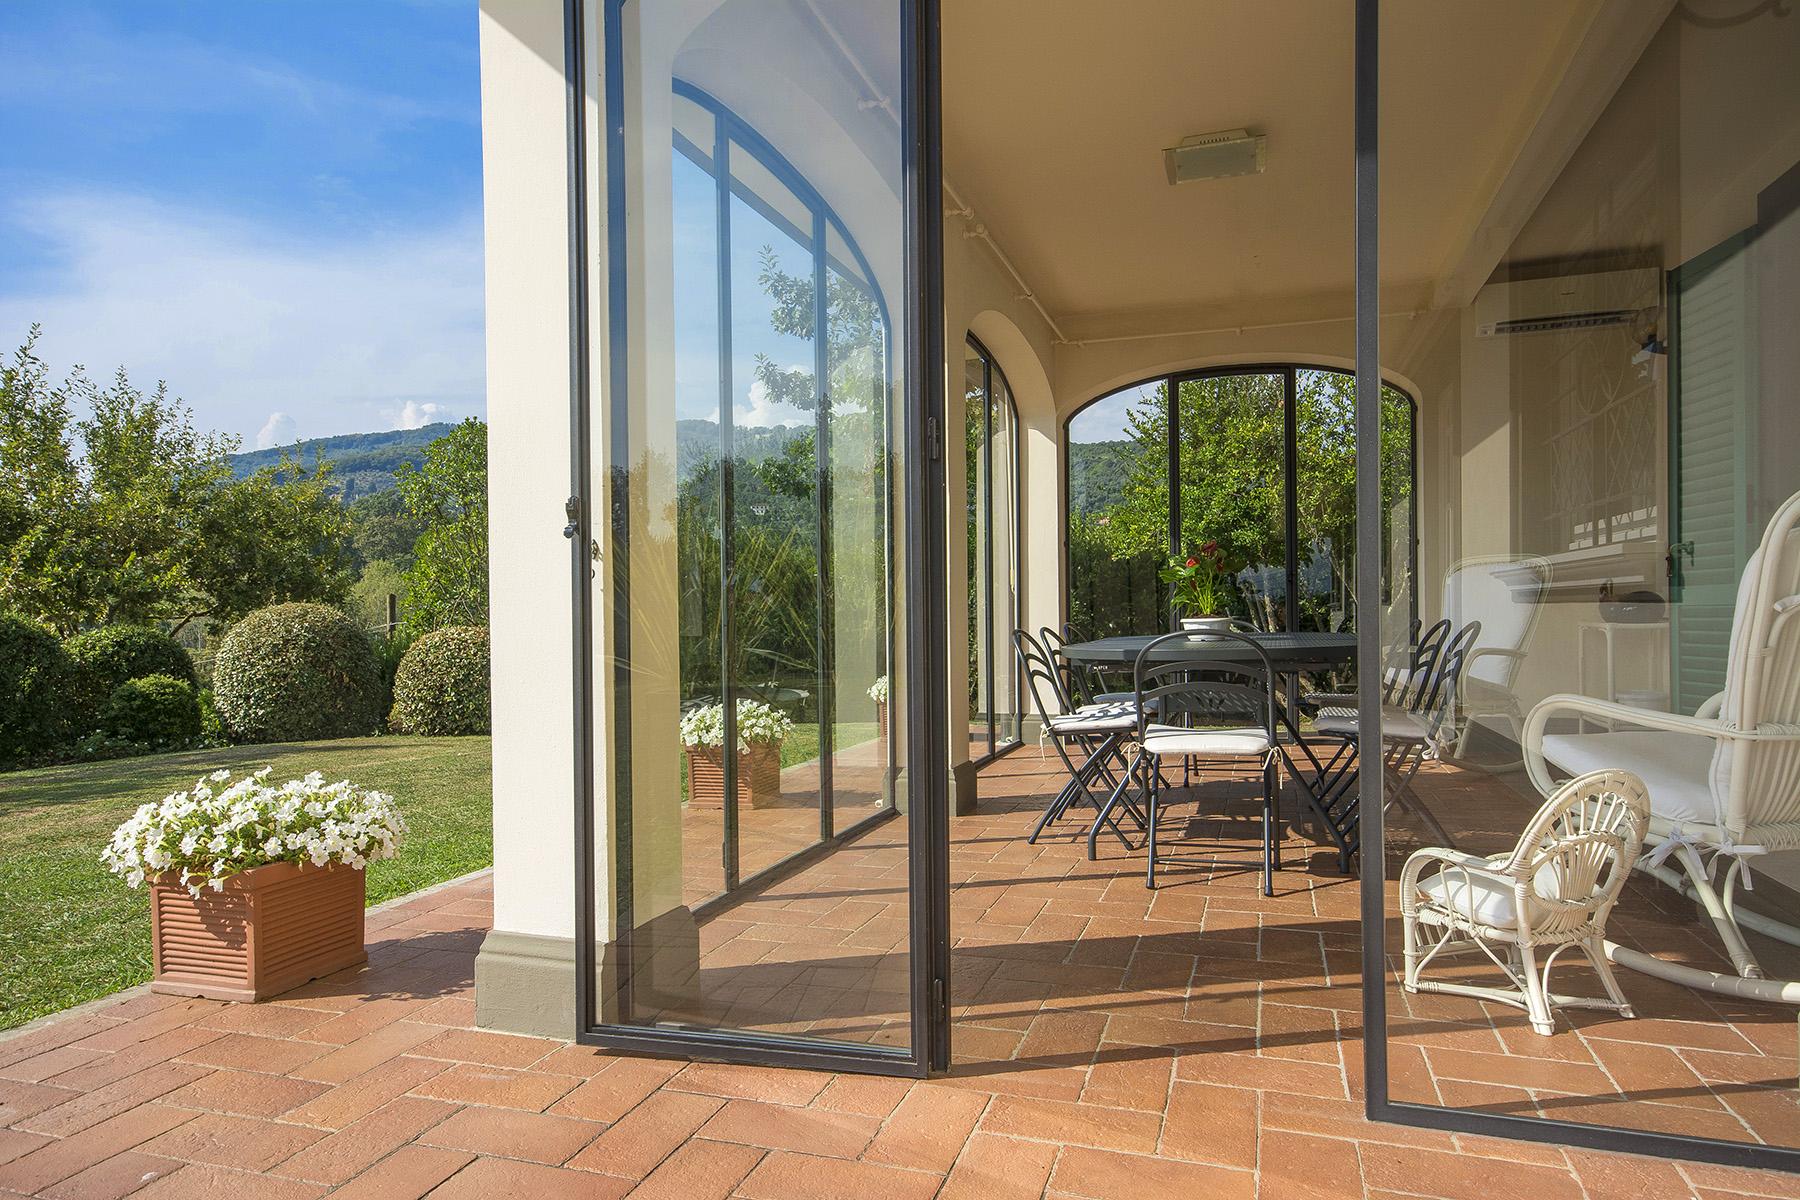 Casa indipendente in Vendita a Lucca: 5 locali, 300 mq - Foto 28